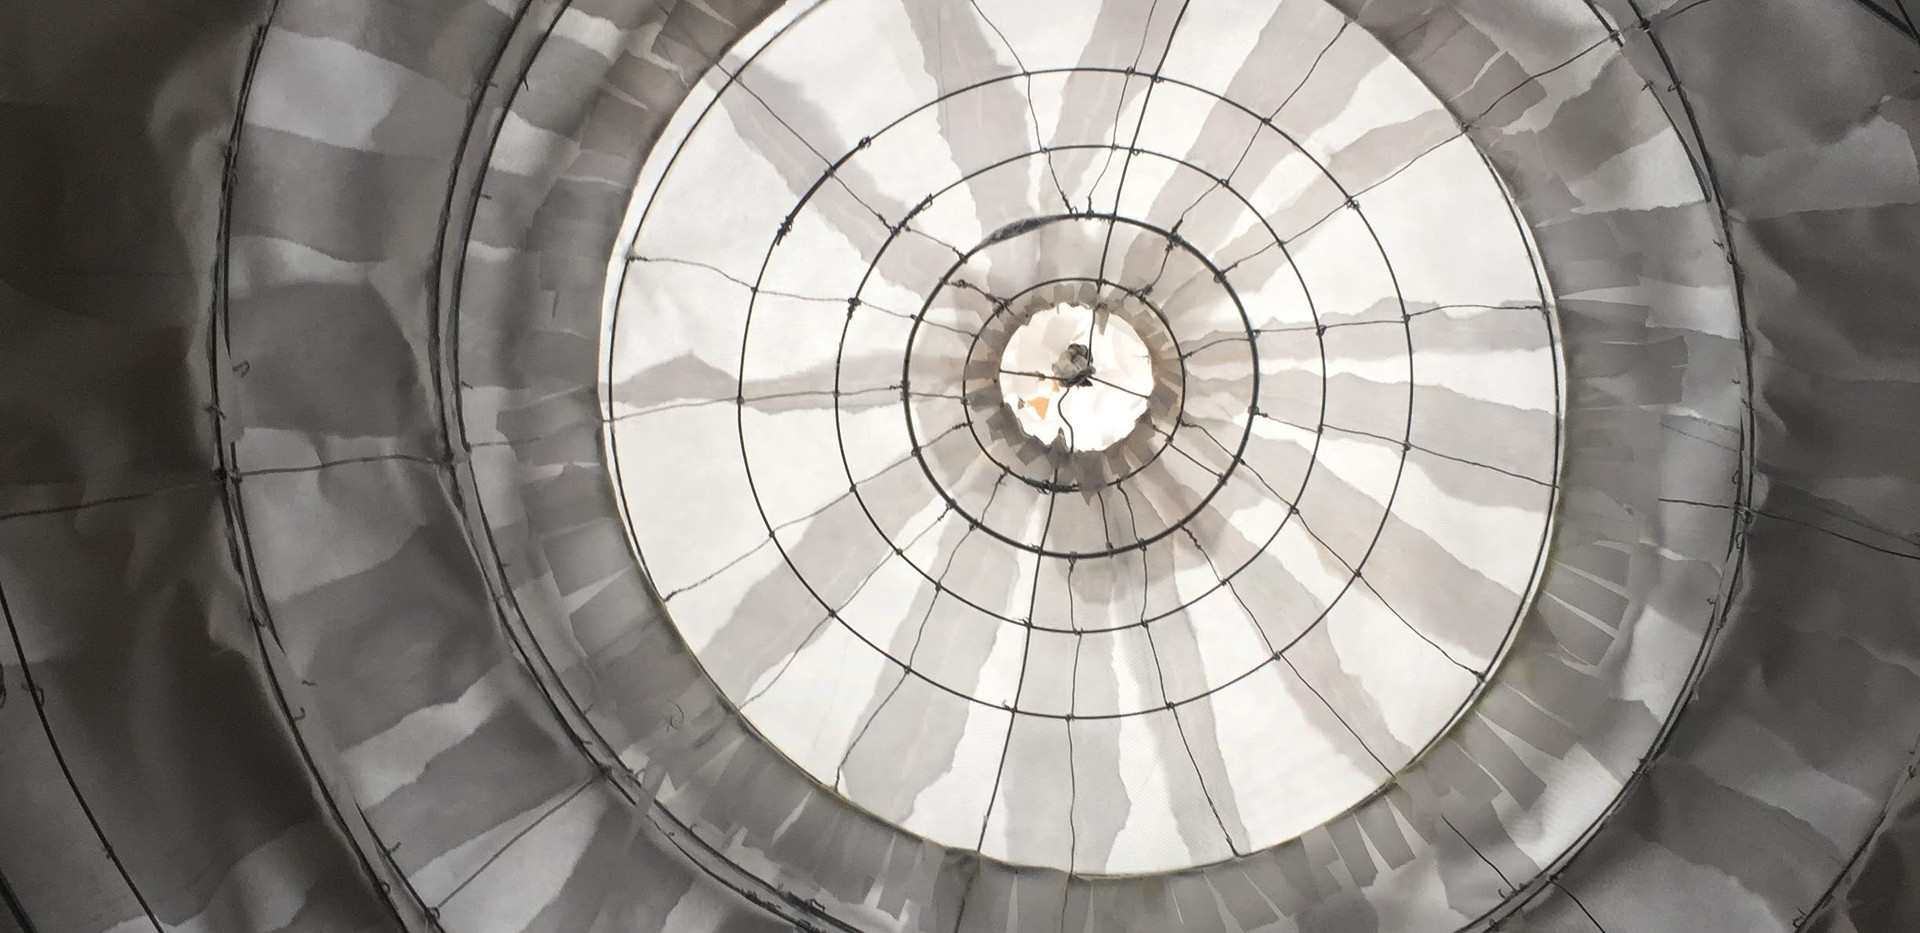 Hector Duarte - Requiem in progress - 02